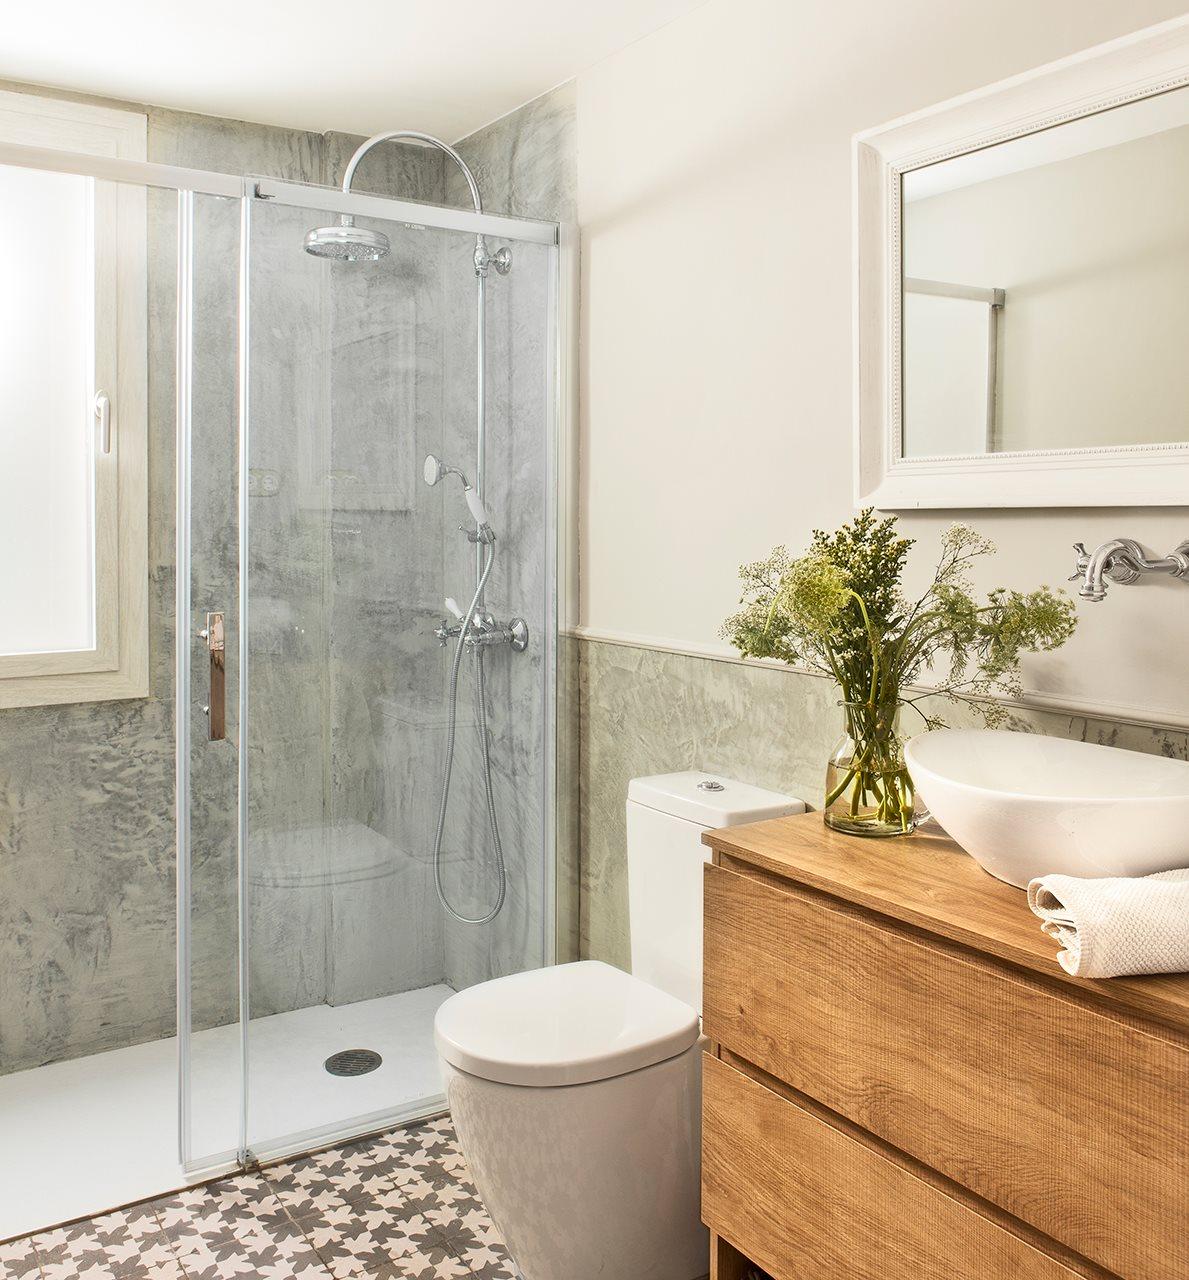 Baño Gris Con Madera: de la casa Mueble de Maestro Canet y espejo de Maisons du Monde